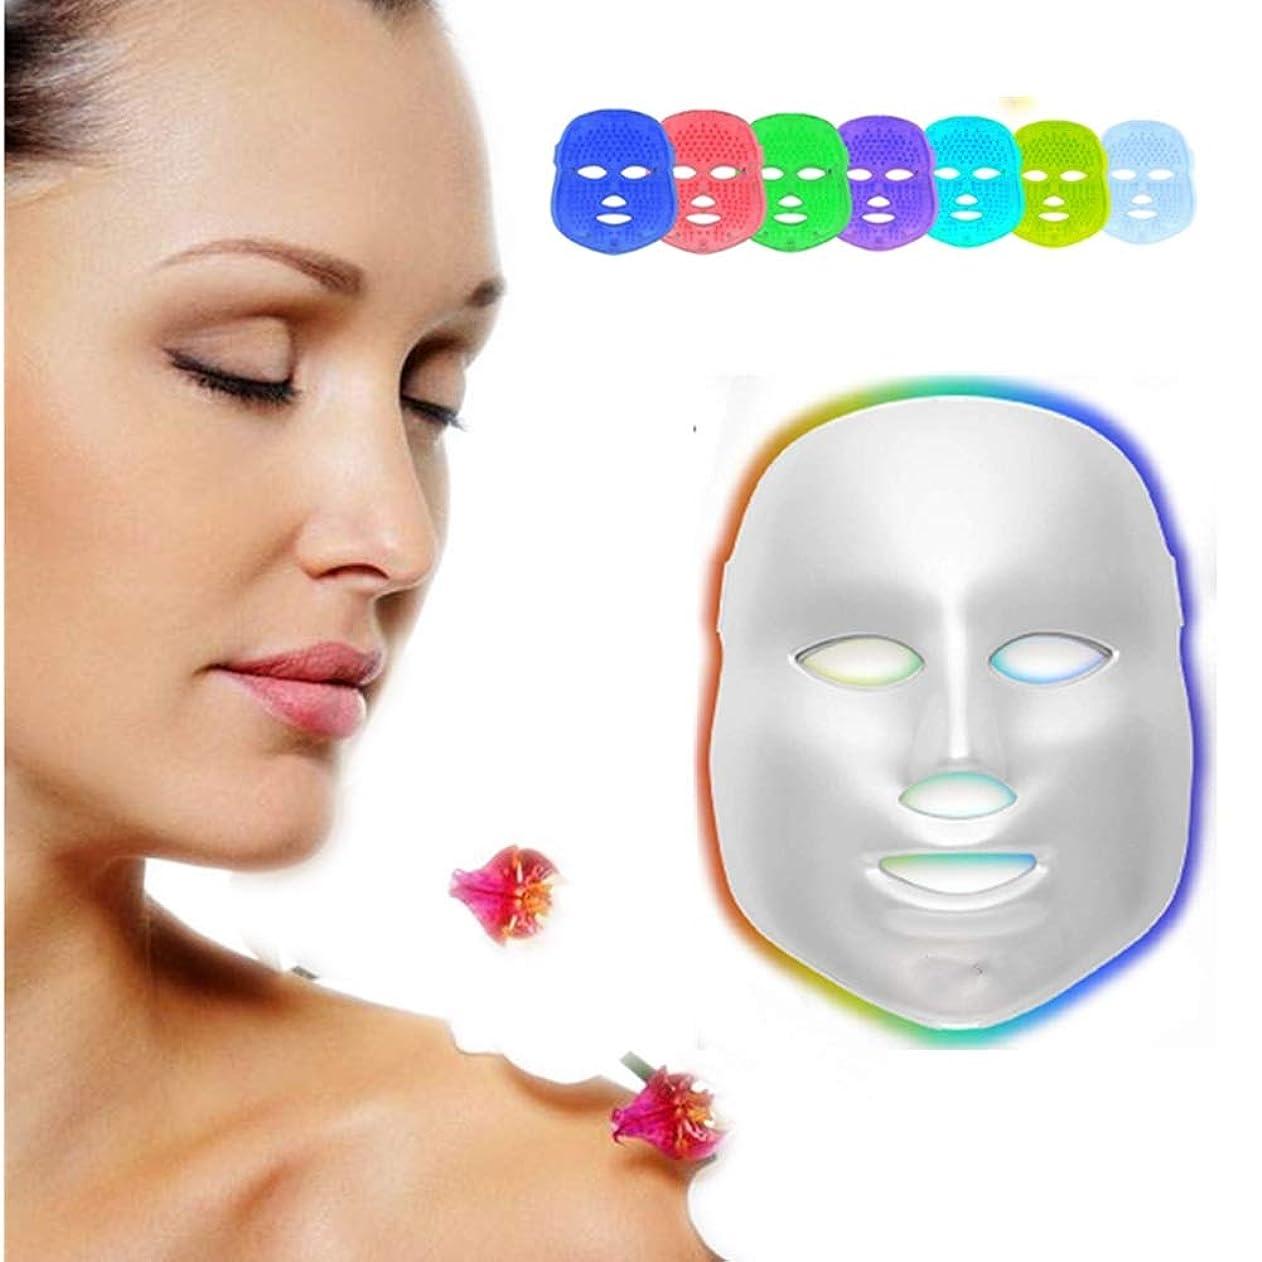 除外するディスコスタウトLEDPhōton療法7色光治療マスク美容機器肌の若返りタイトにきびスポット分解メラニンしわホワイトニングフェイシャル